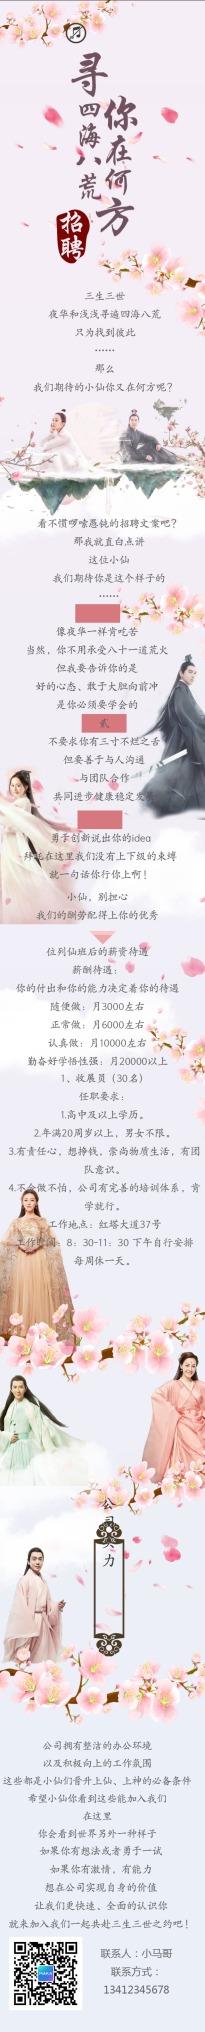 扁平简约粉蓝互联网企业社会招聘介绍推广单页